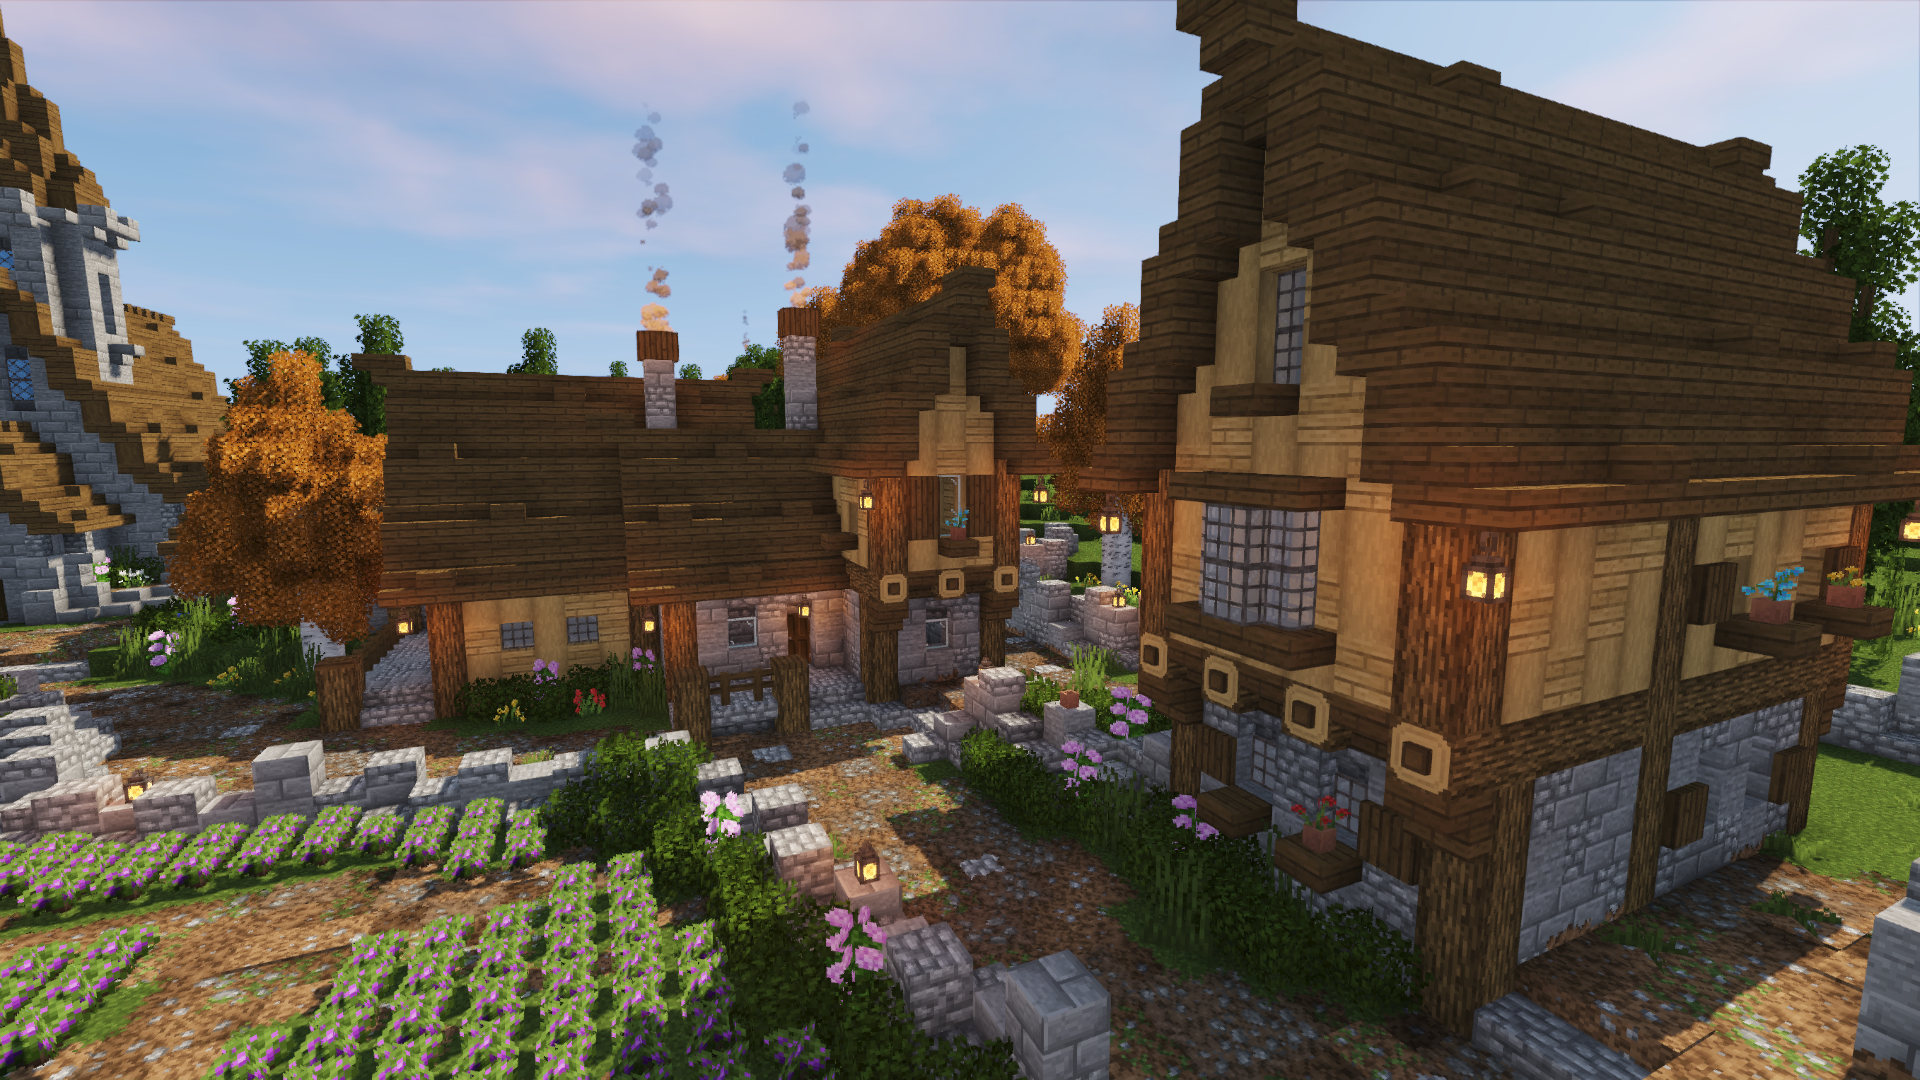 Minecraft Village Transformation Timelapse Speed Build - Part 9